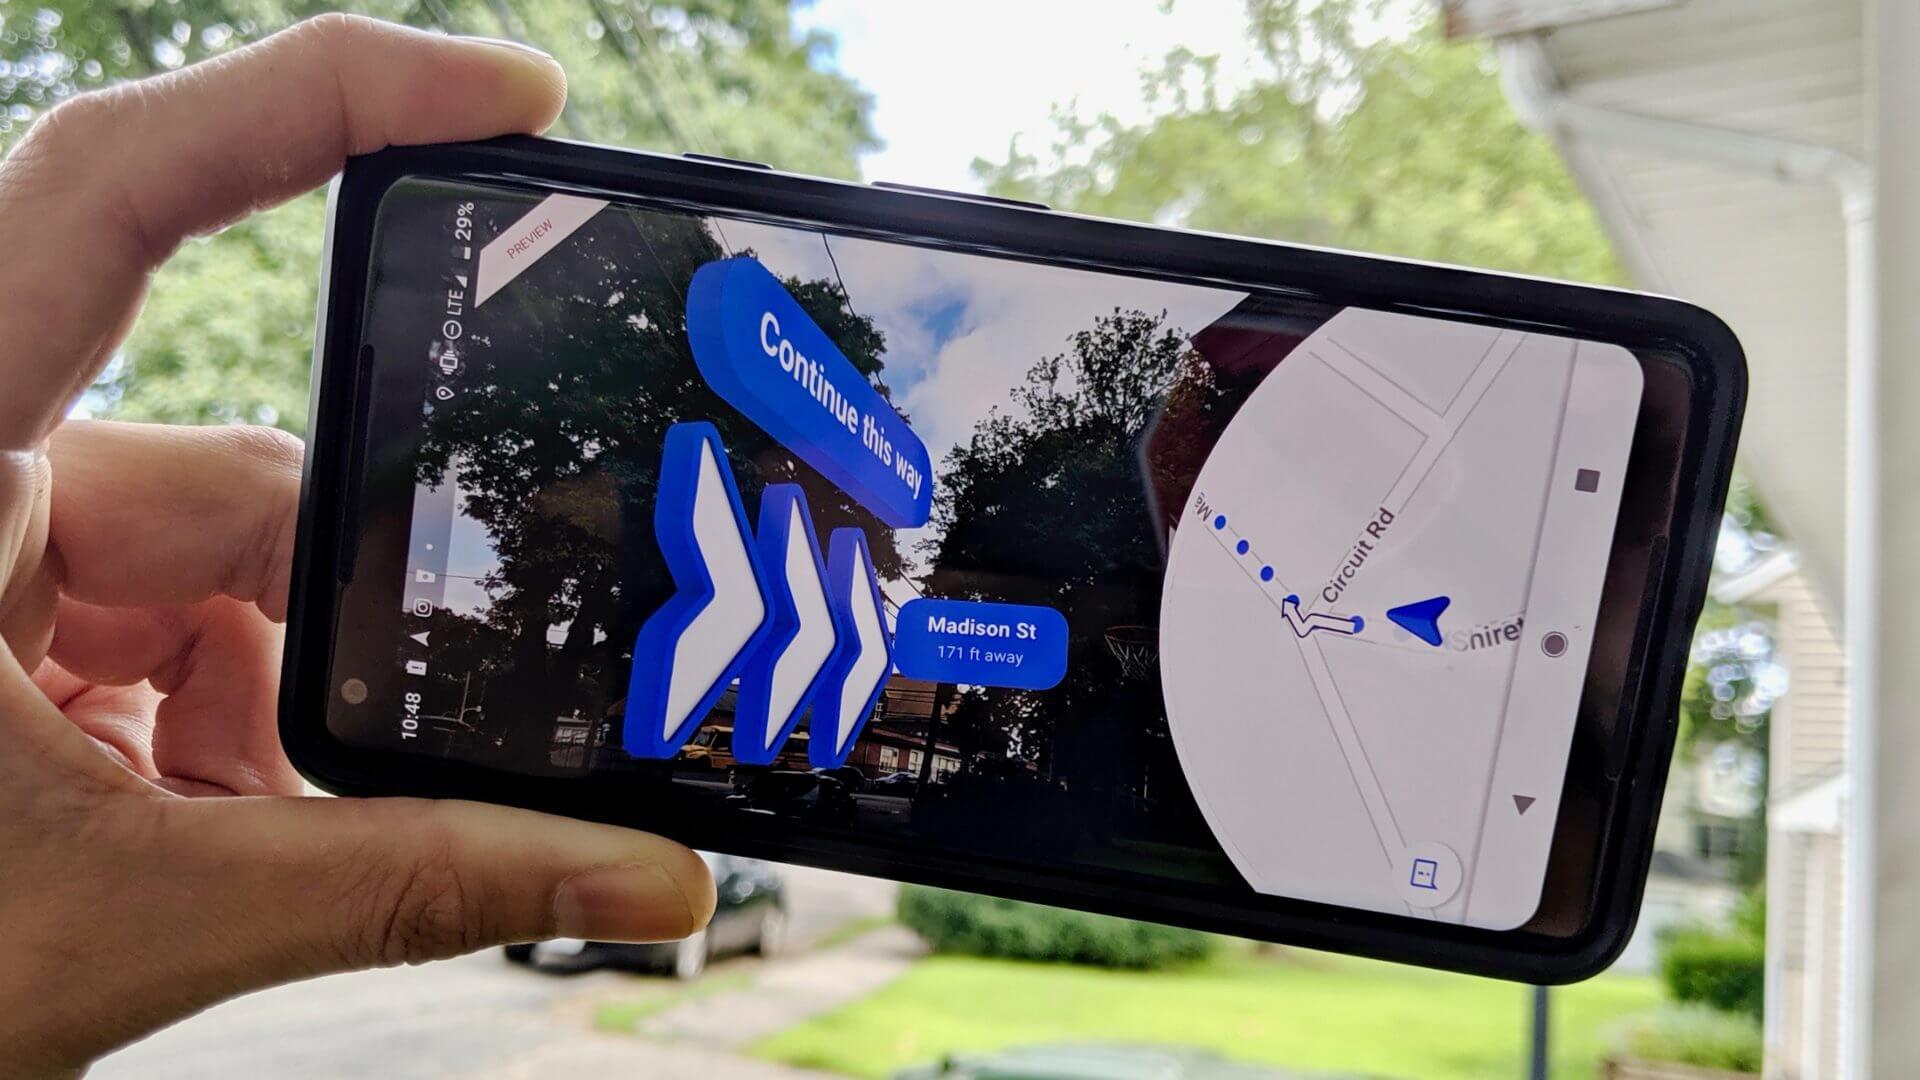 Reservas, navegación AR llegando a Google Maps